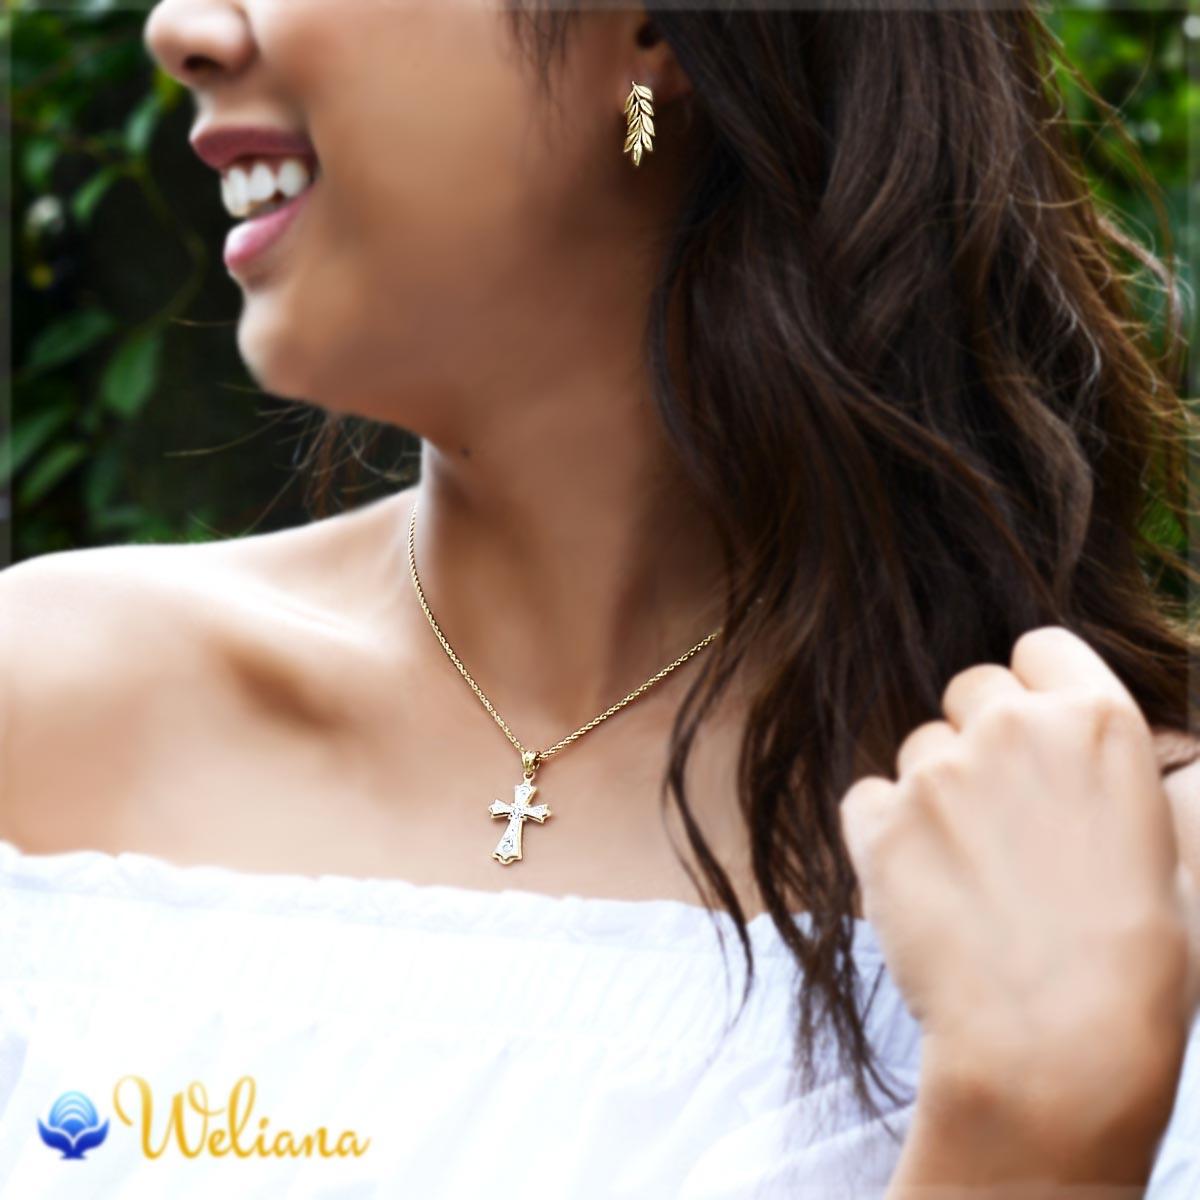 ハワイアンジュエリー アクセサリー レディース 女性 (Weliana) K14 14金 スクロール デュアルトーン クロス  ダイヤモンド 0.03ct ペンダントトップ (付属チェーンなし) wpd1454 (4週間前後発送)